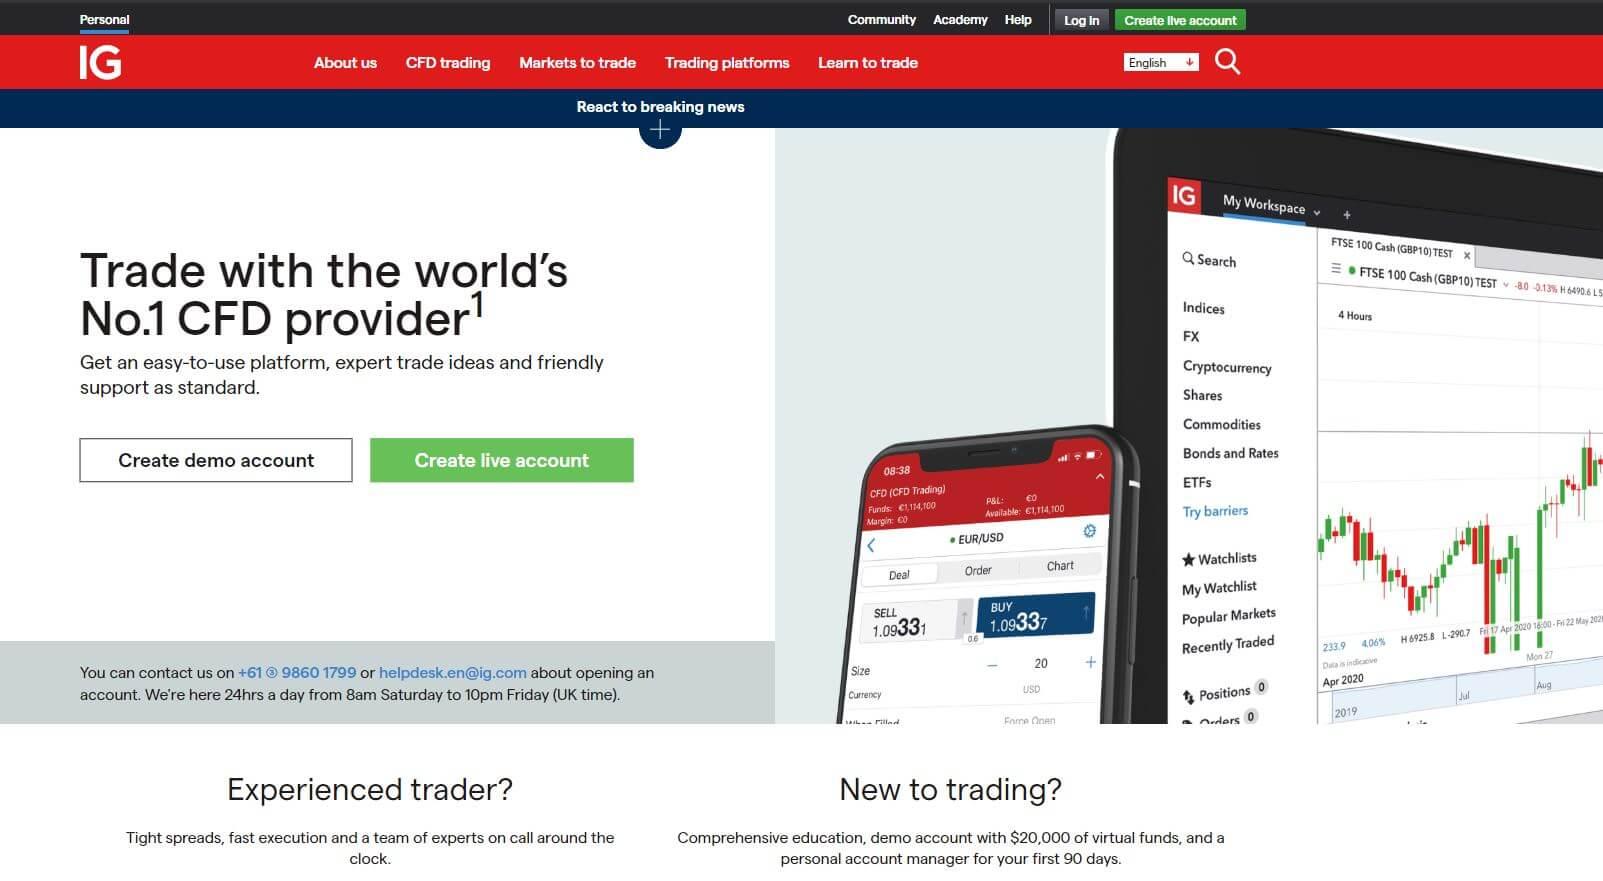 ig.com broker review homepage